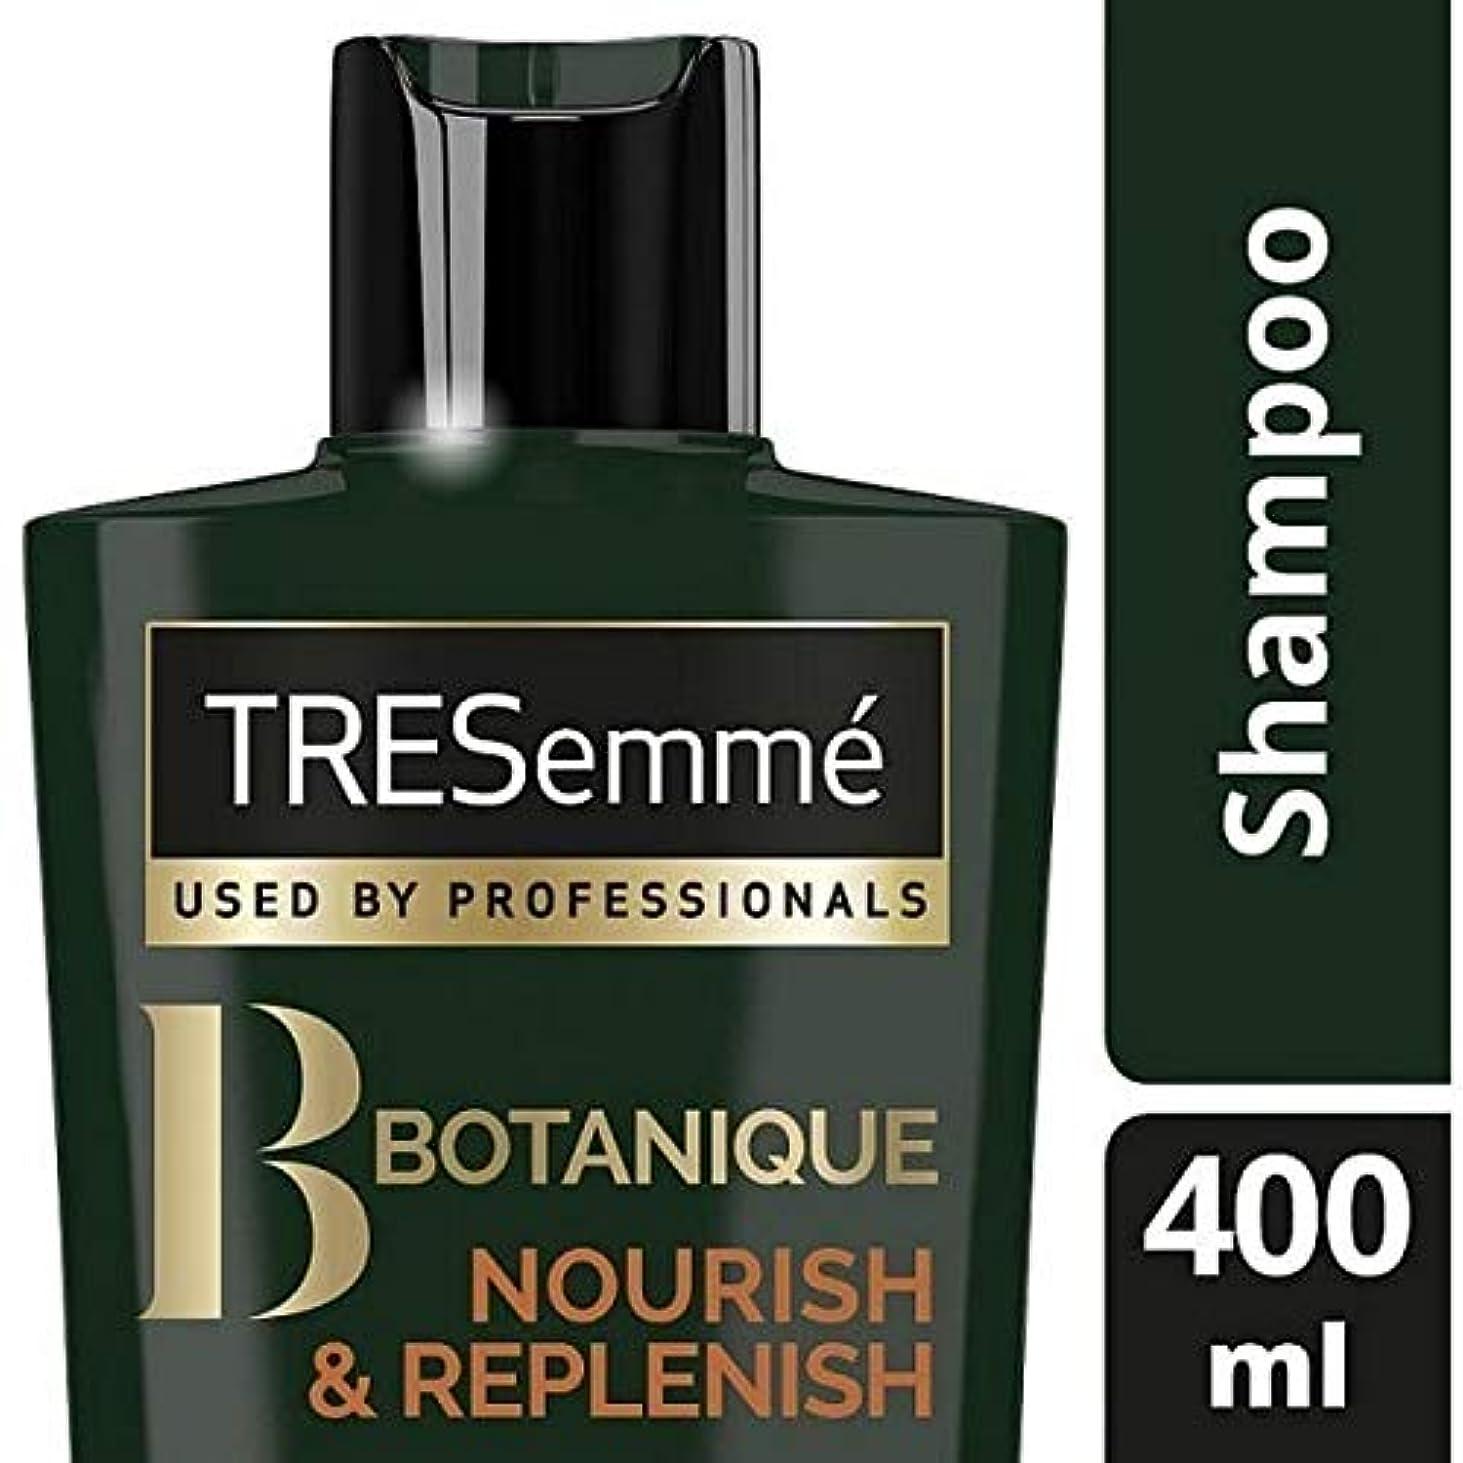 オフェンス結び目またはどちらか[Tresemme] Tresemmeのボタニックはシャンプー400ミリリットルを養う&補充します - TRESemme Botanique Nourish & Replenish Shampoo 400ml [並行輸入品]